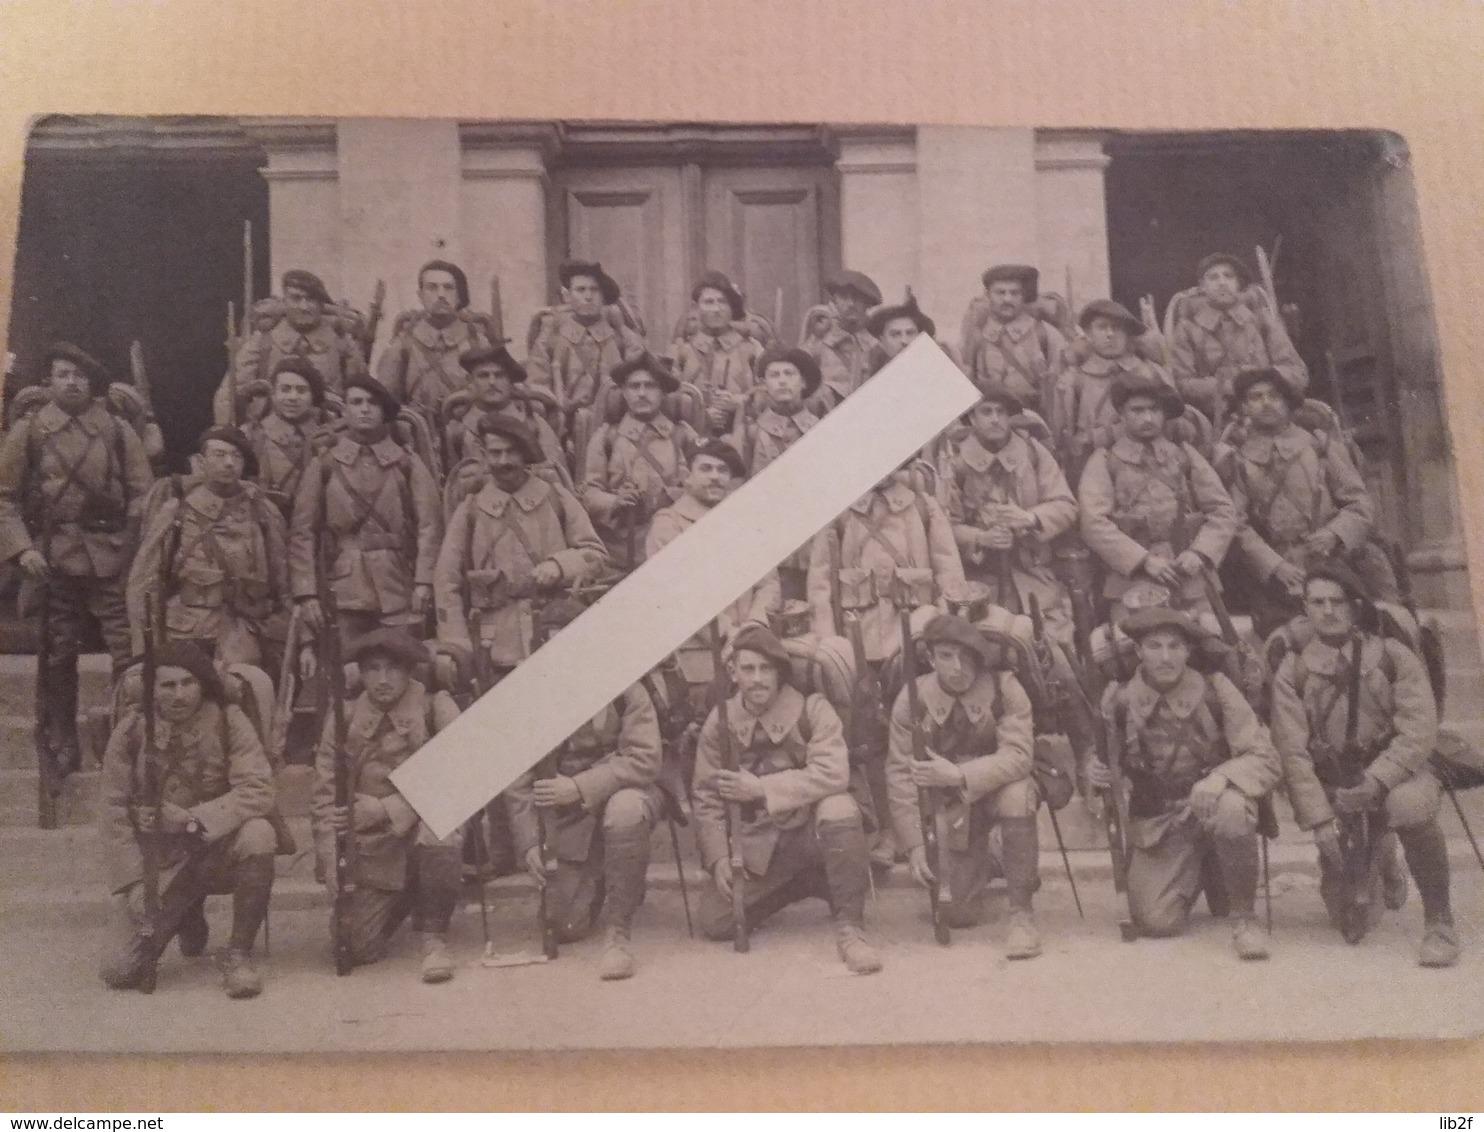 1916 1918 Grasse Brignoles 23 Eme BCA Bataillon De Chasseurs Alpins Fusils Berthier Tranchée Poilus 1914 1918 14-18 1cph - War, Military